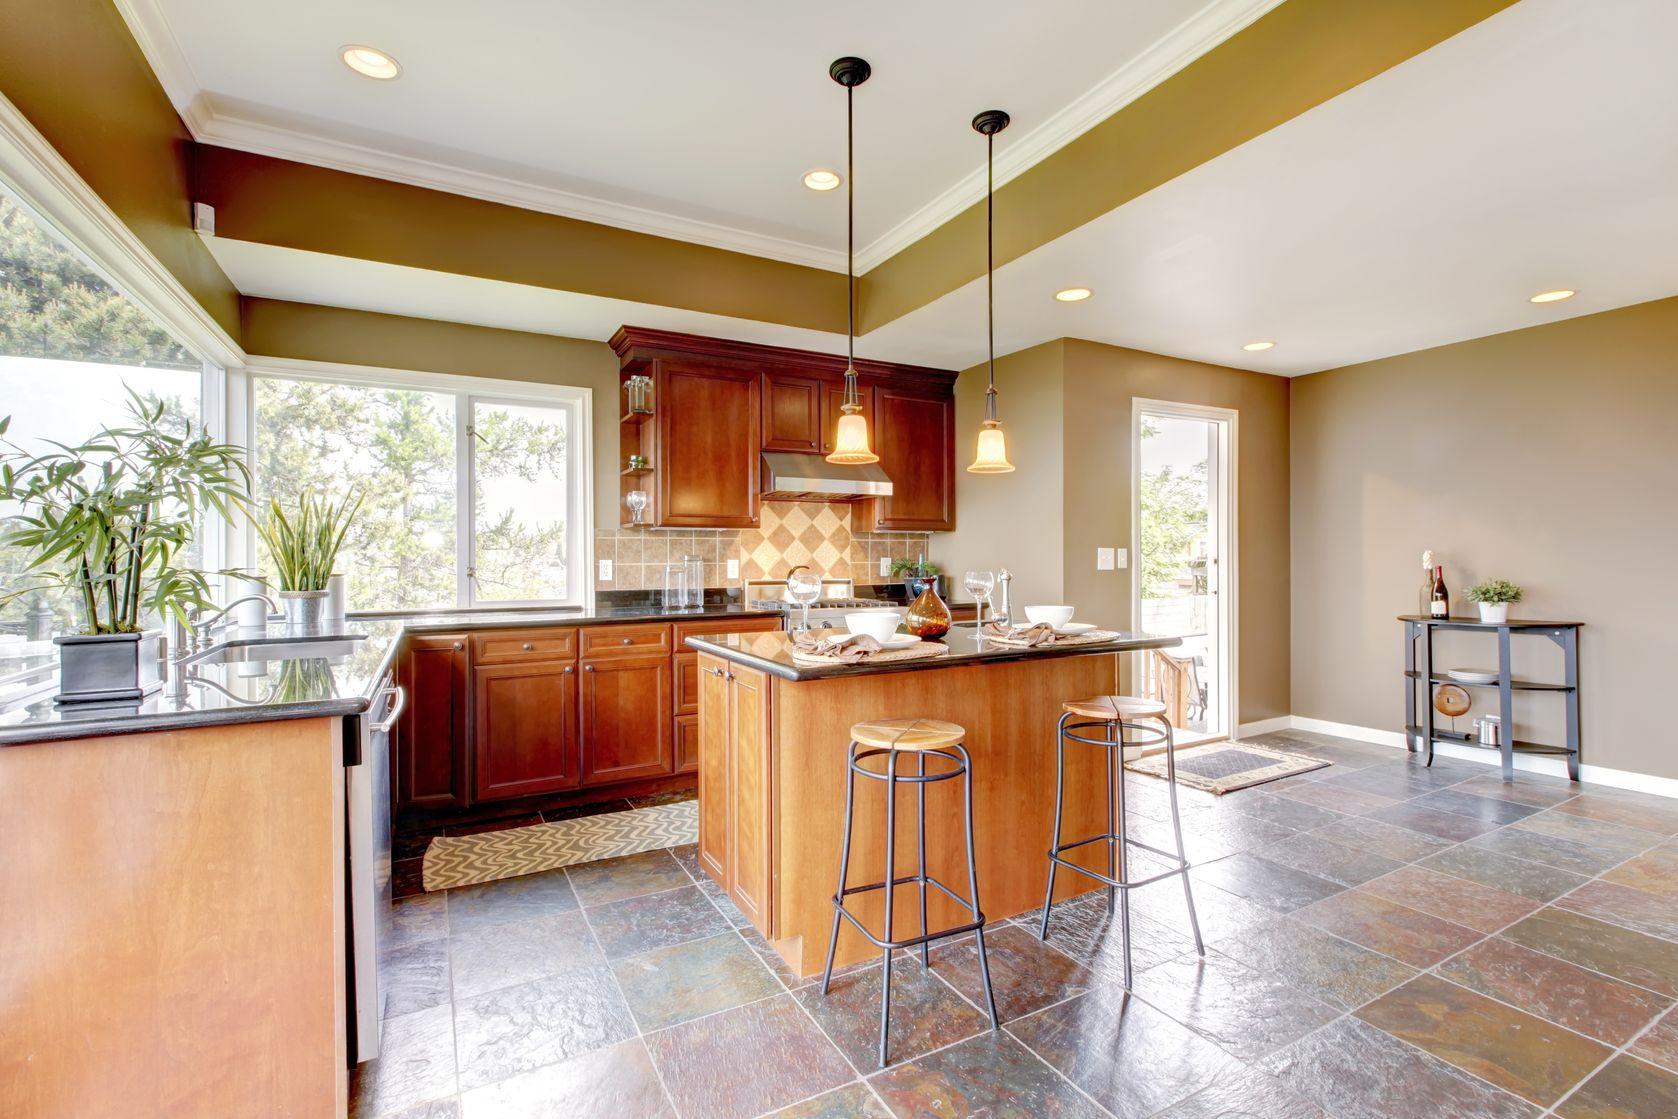 мир чем покрывать потолок в кухне фото менее